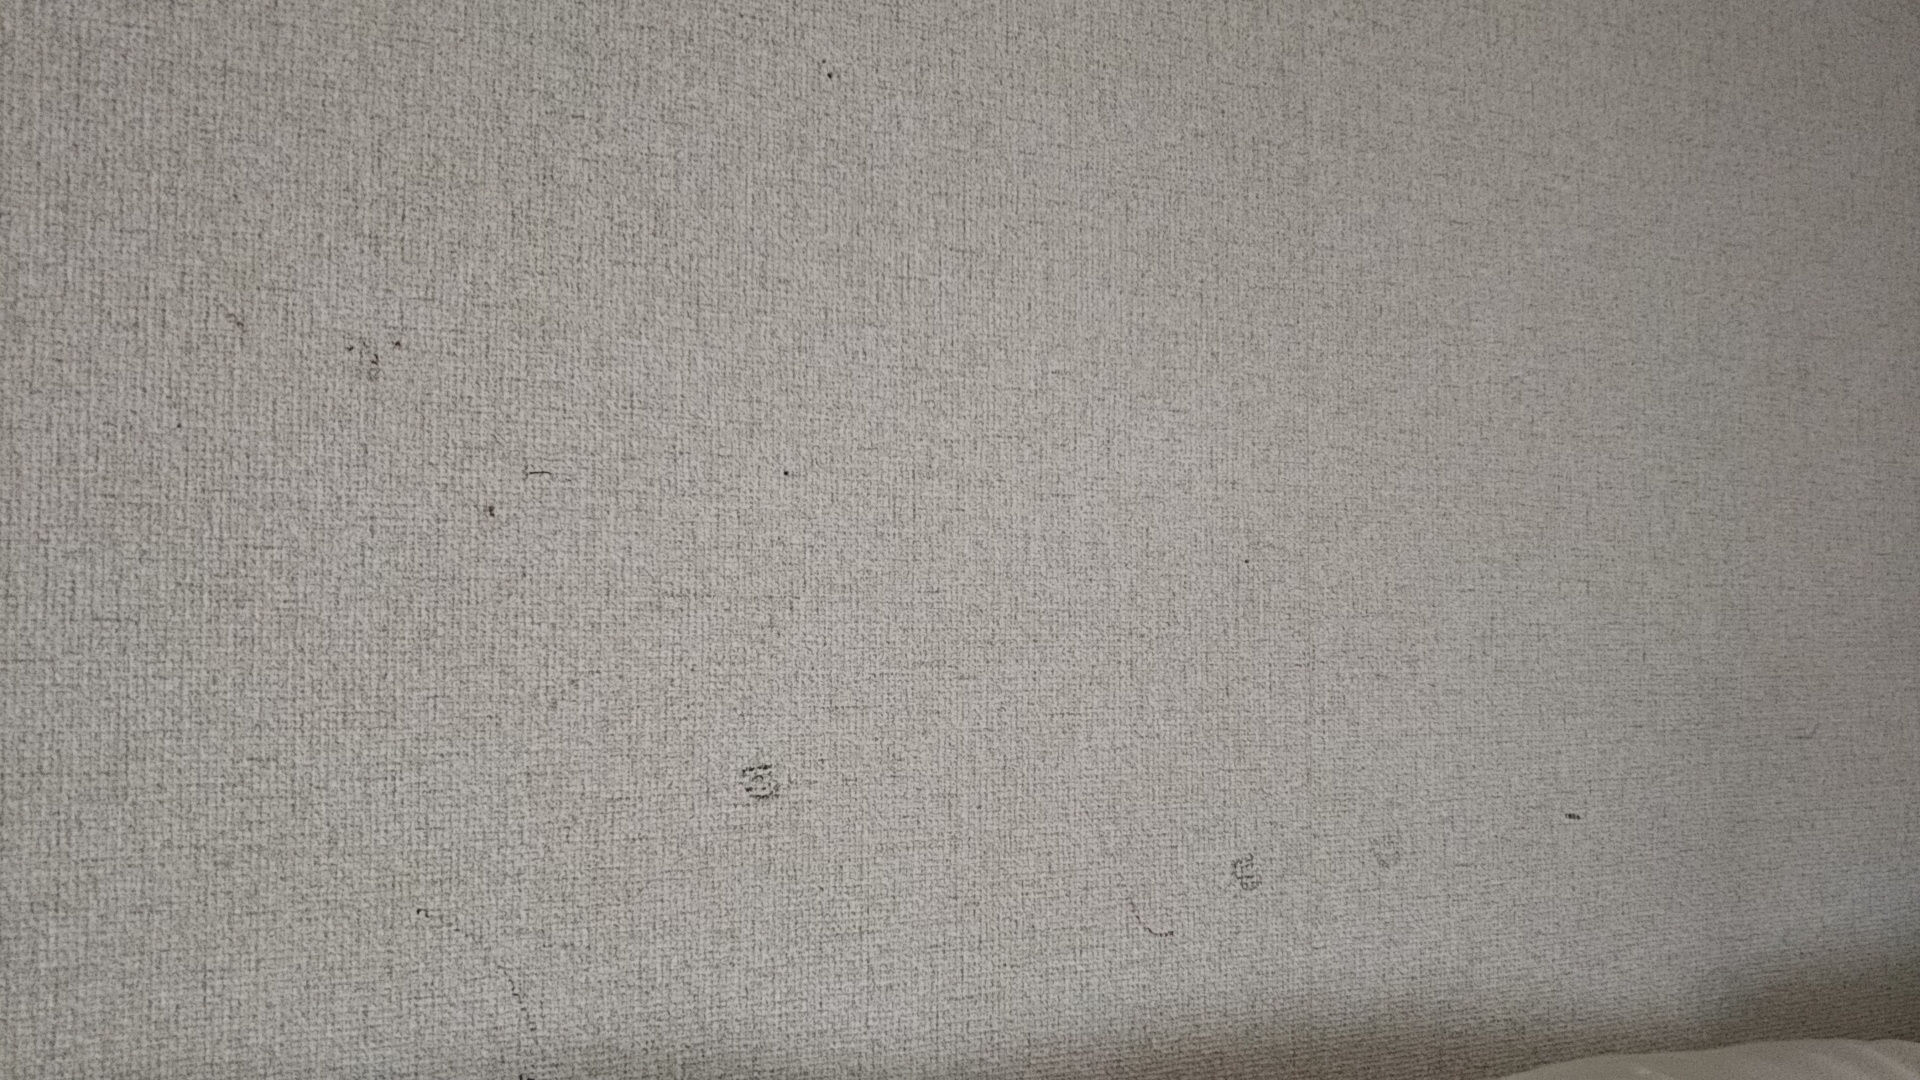 セリアで見つけた木目調ステッカー 壁をデコったらこうなった ゆる楽しいdiy 子どもと仕事とdiy